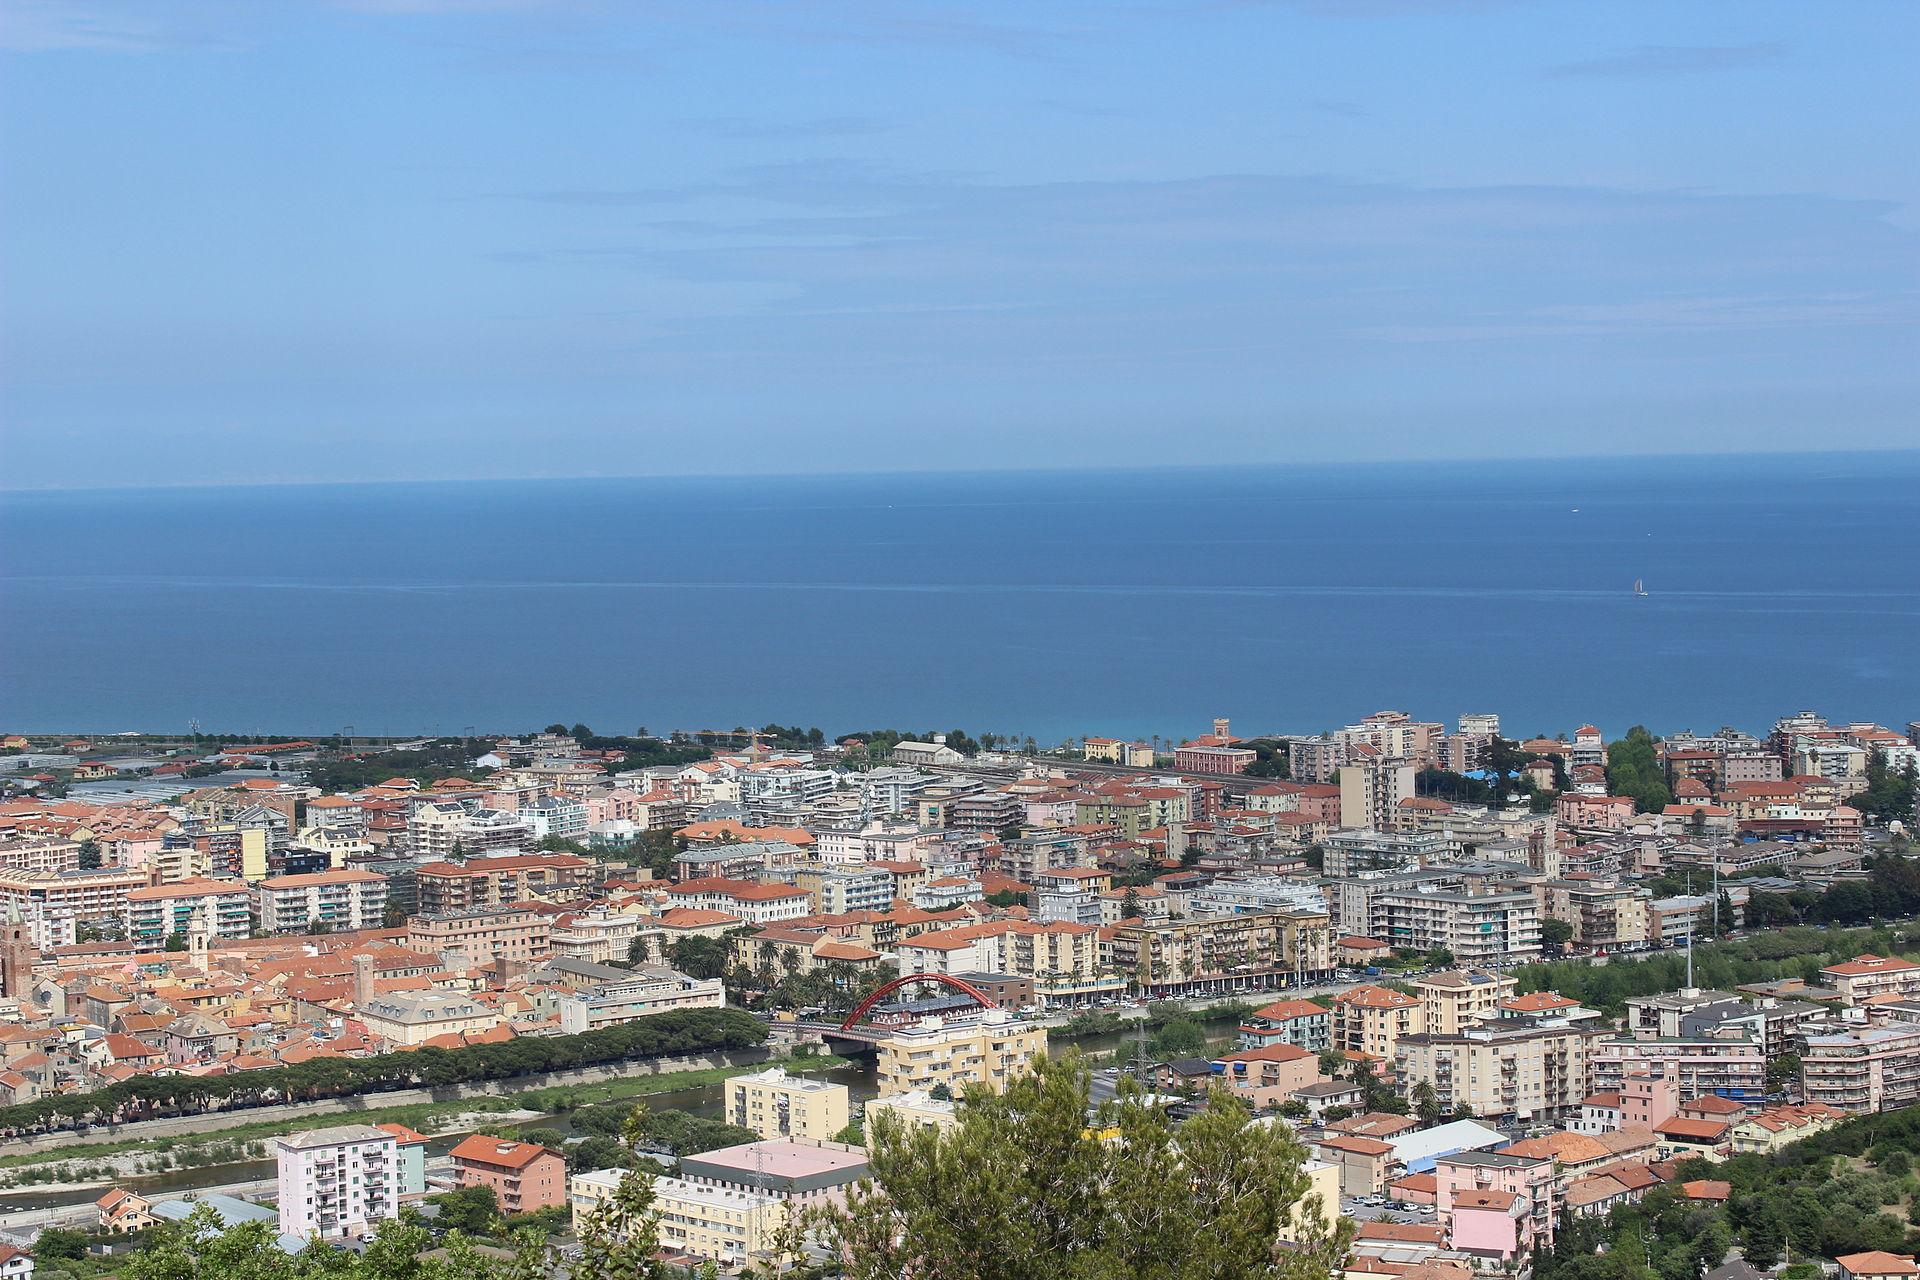 Albenga wikipedia for Be italia